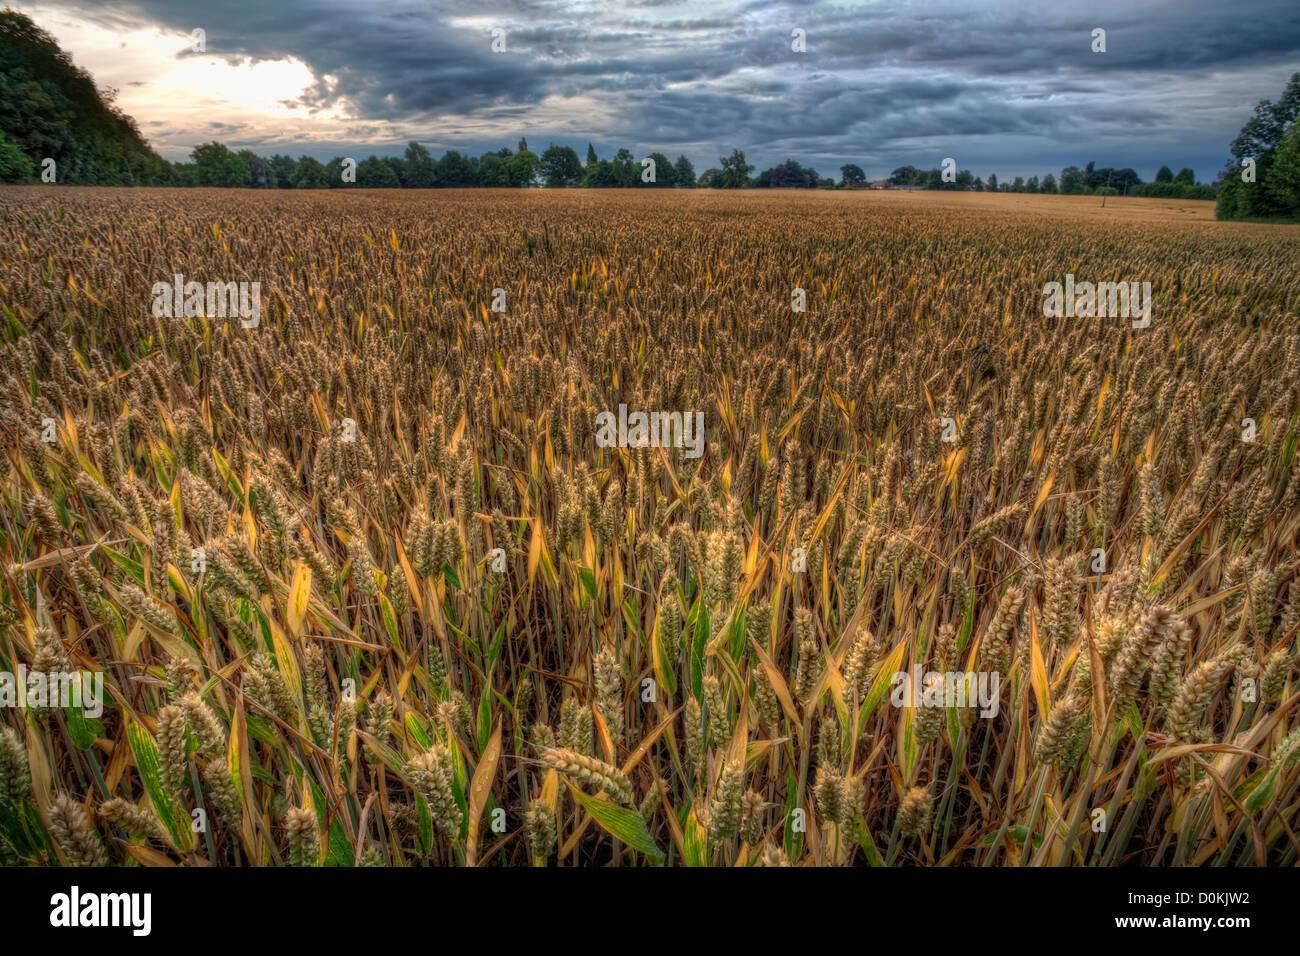 Un champ de blé mûrit juste avant la récolte. Photo Stock